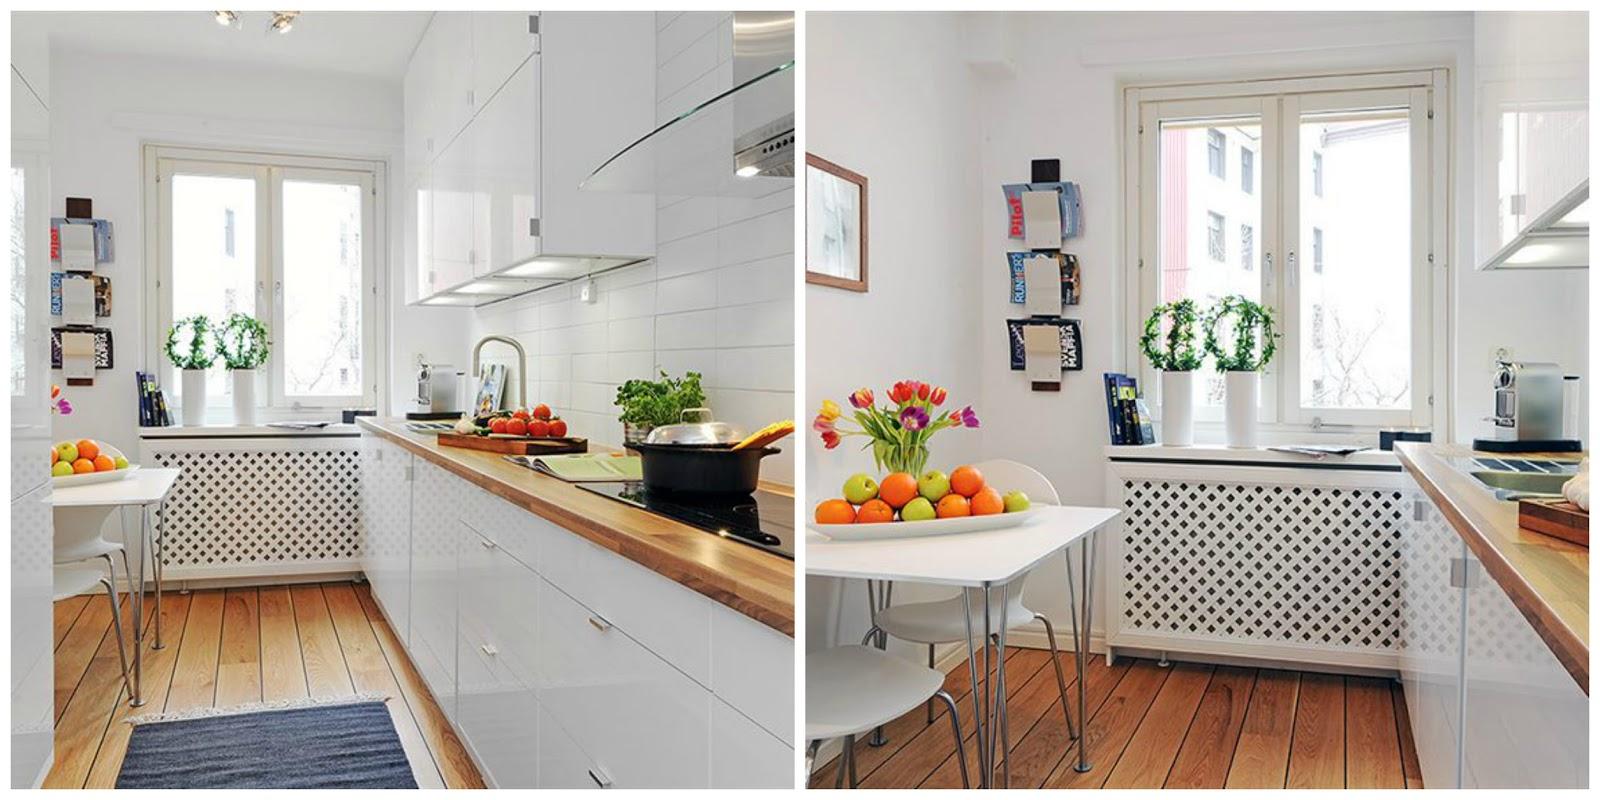 Inspiraci n cocinas peque as blanco y de madera for Cocinas super pequenas